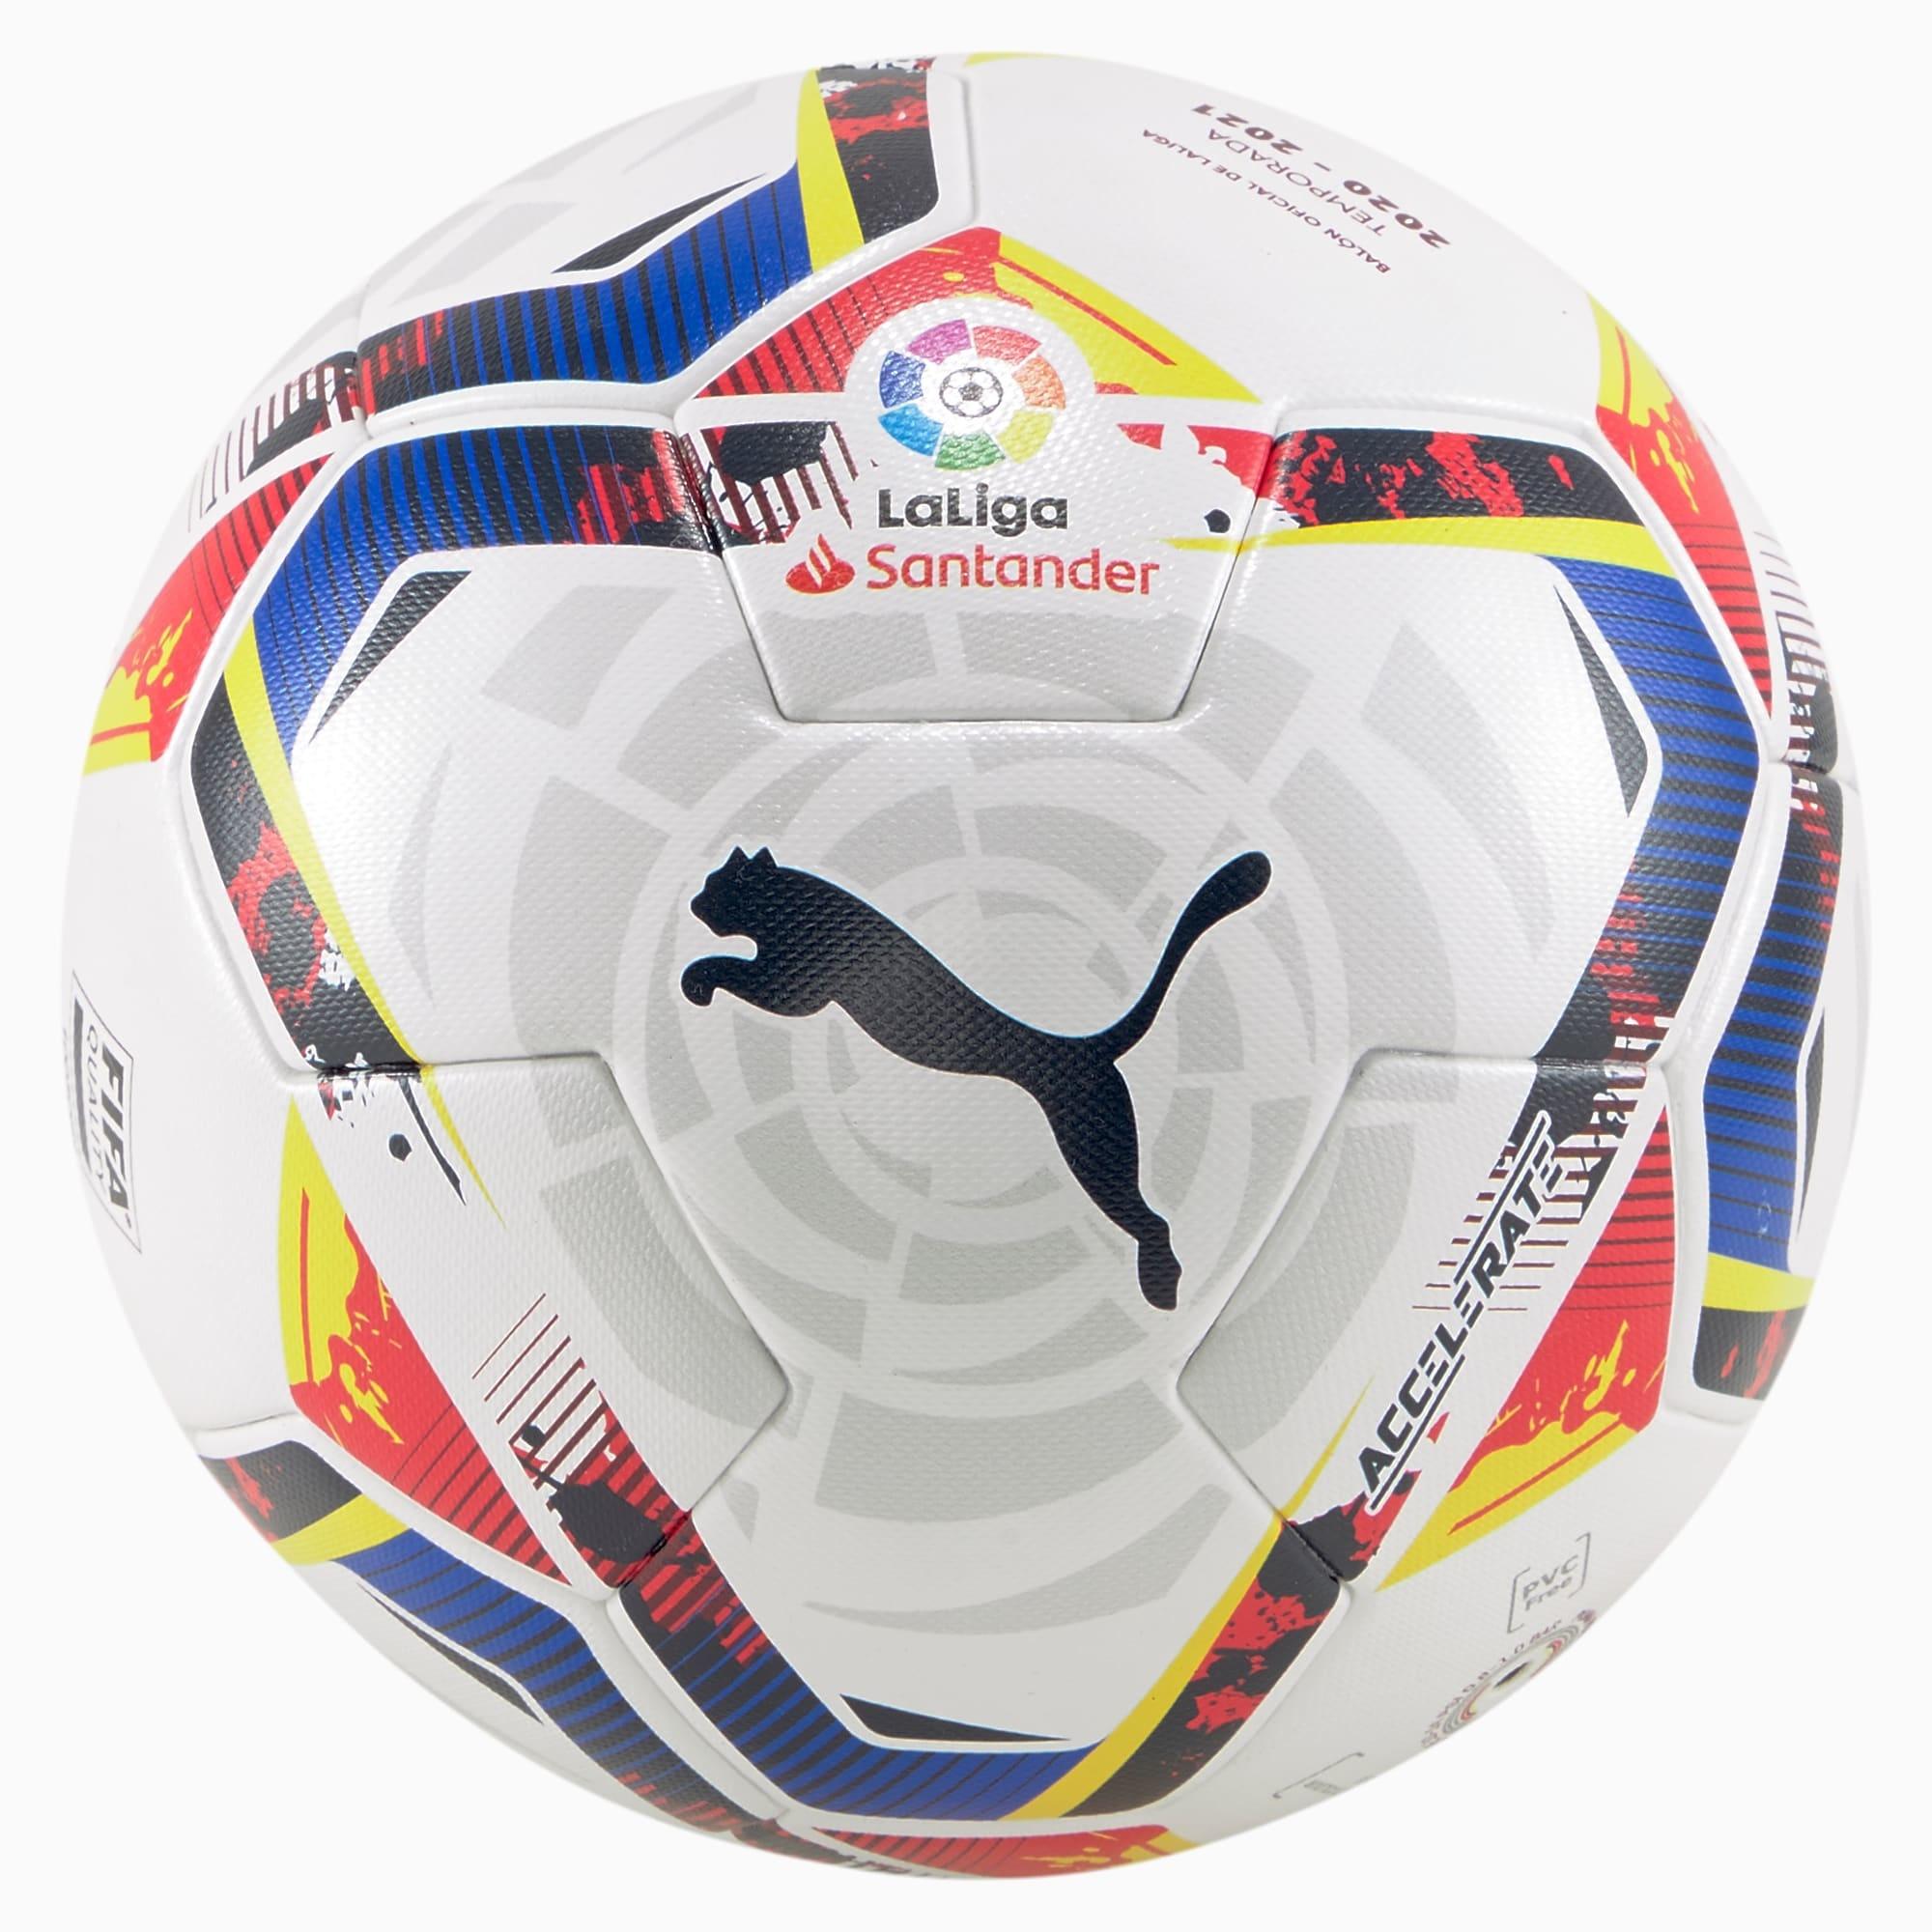 Puma PUMA LaLiga (FIFA) Ball